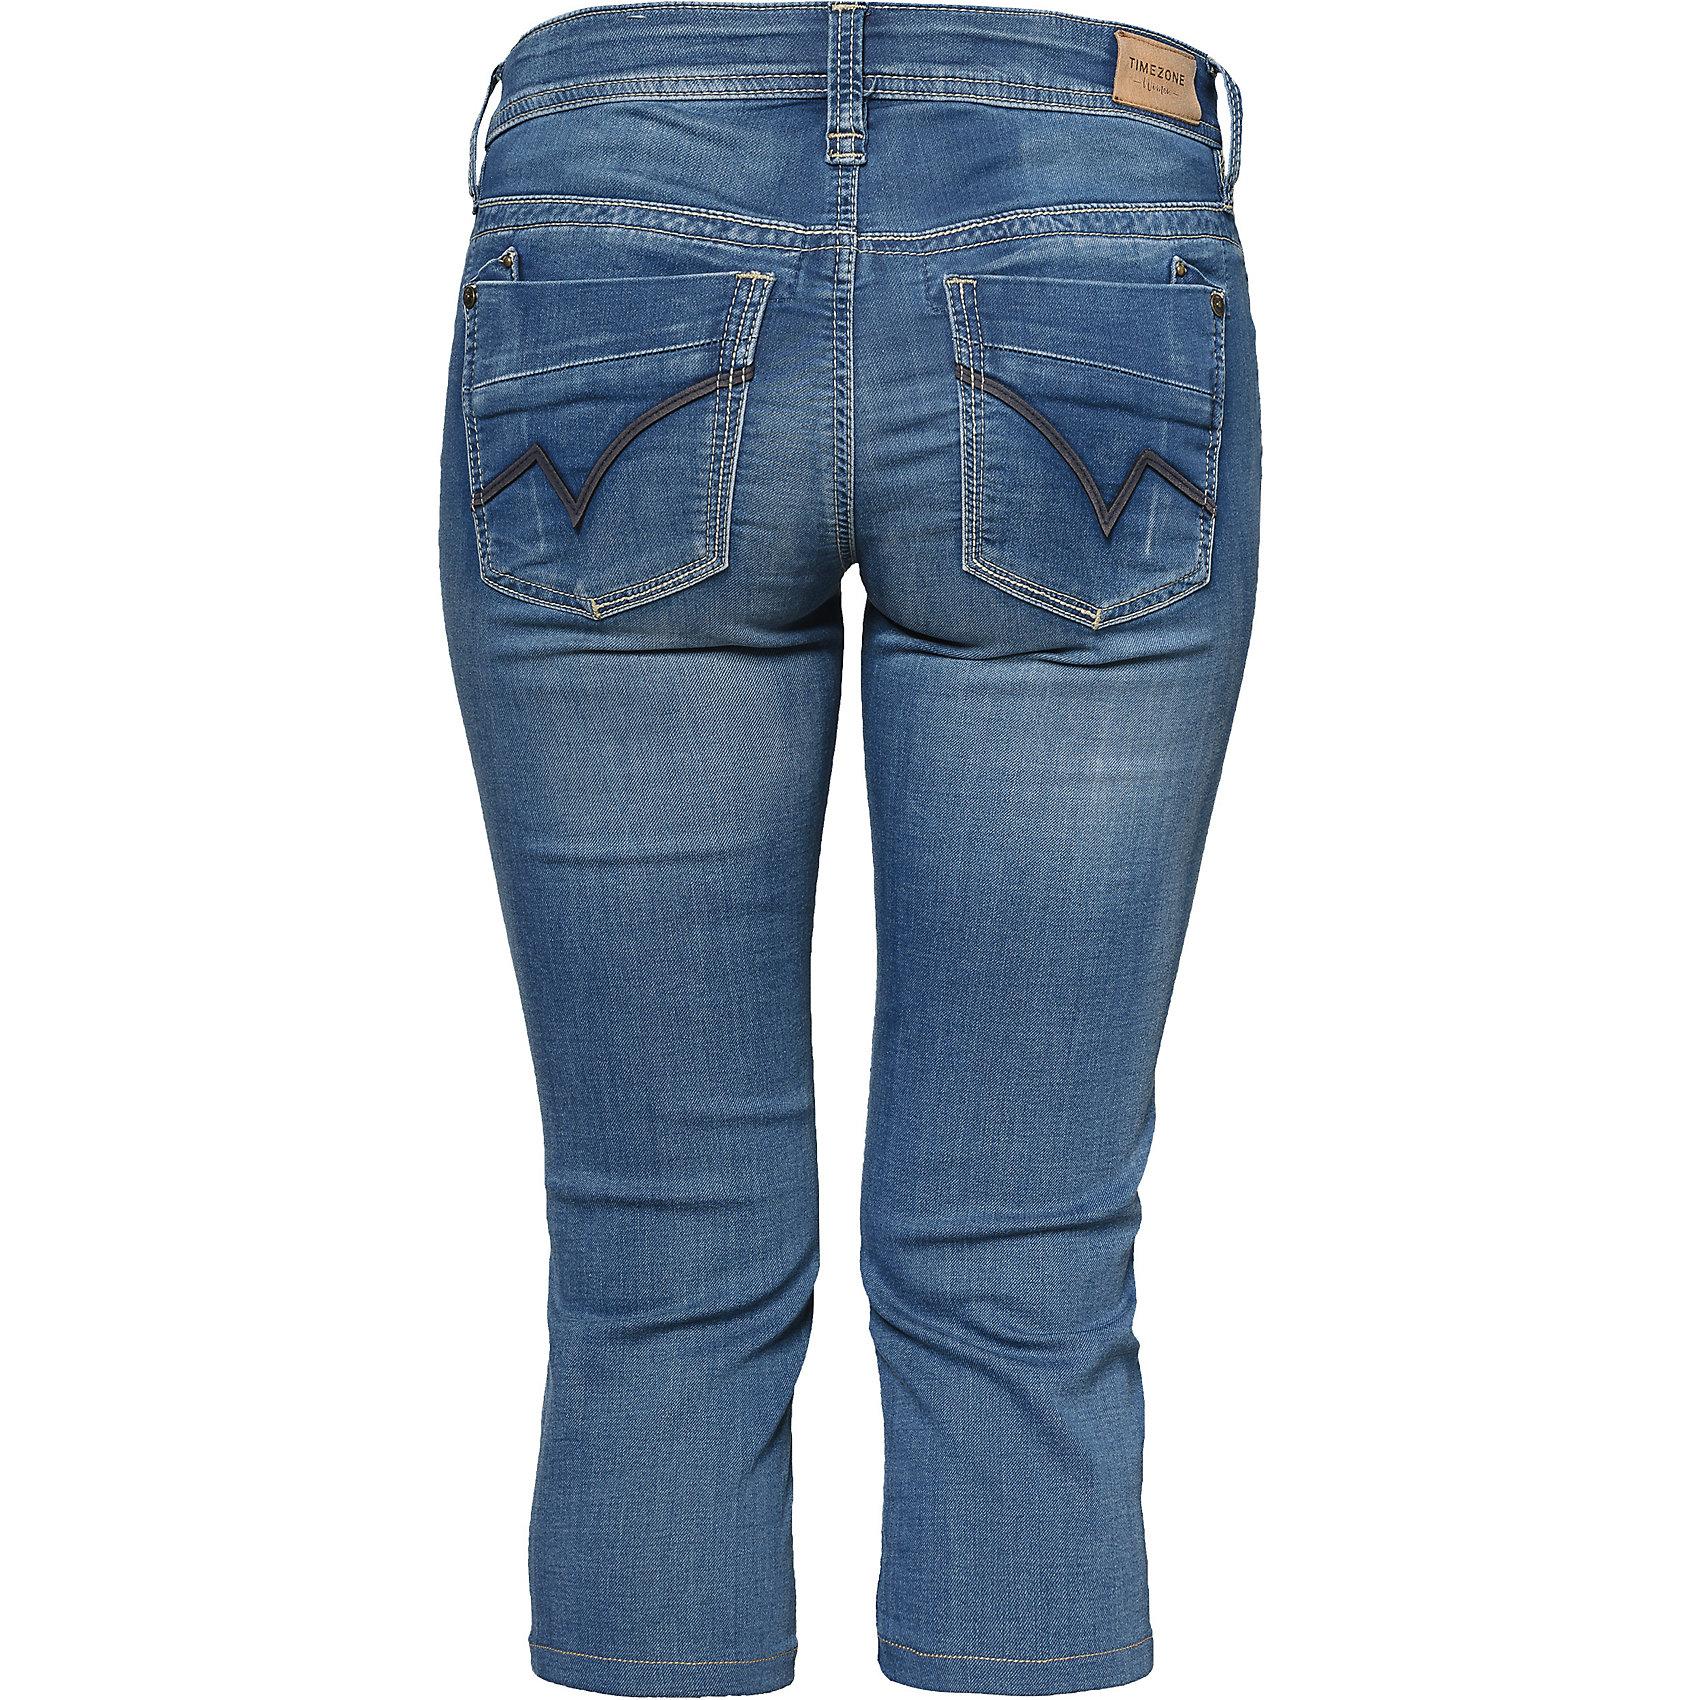 Neu-TIMEZONE-Jeans-Slim-Tali-7192856-fuer-Damen-blue-denim